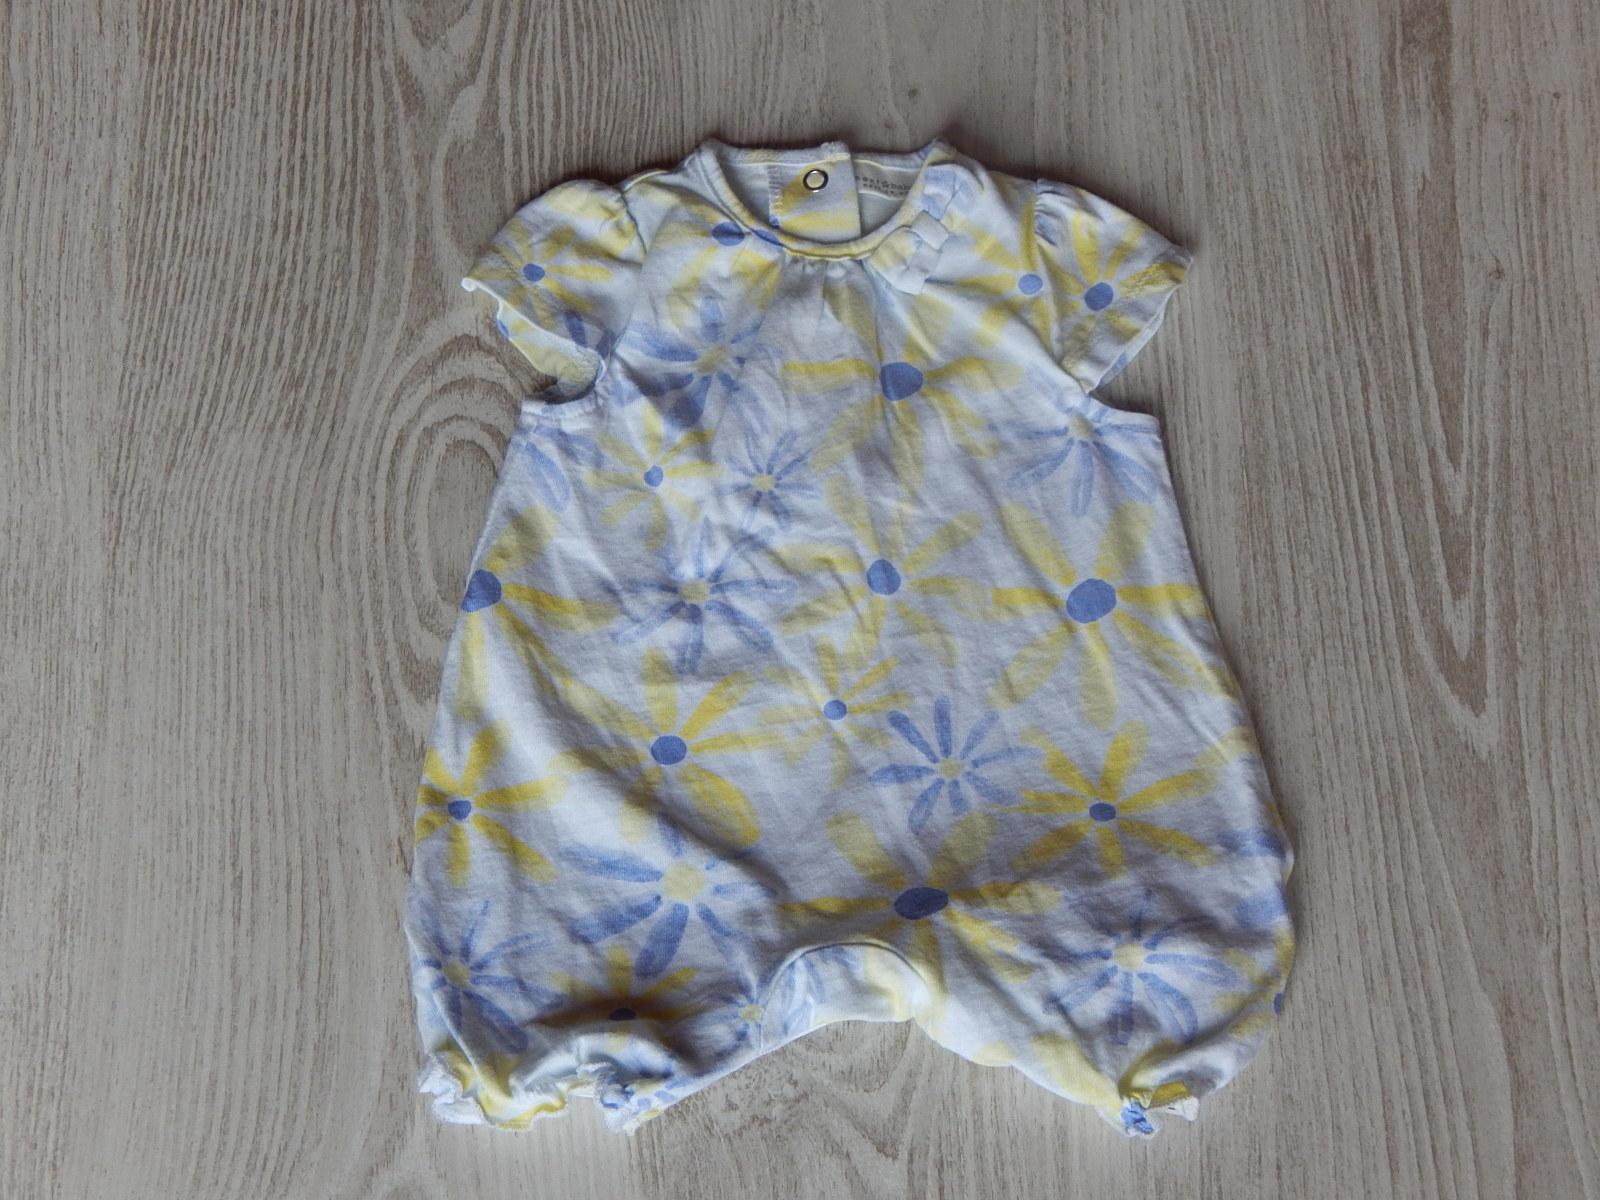 6c8ac22ecf Virágos napozó [62 (0-3 hó) / Lány ruhák] :: Lótusz Gyerekruha Webshop